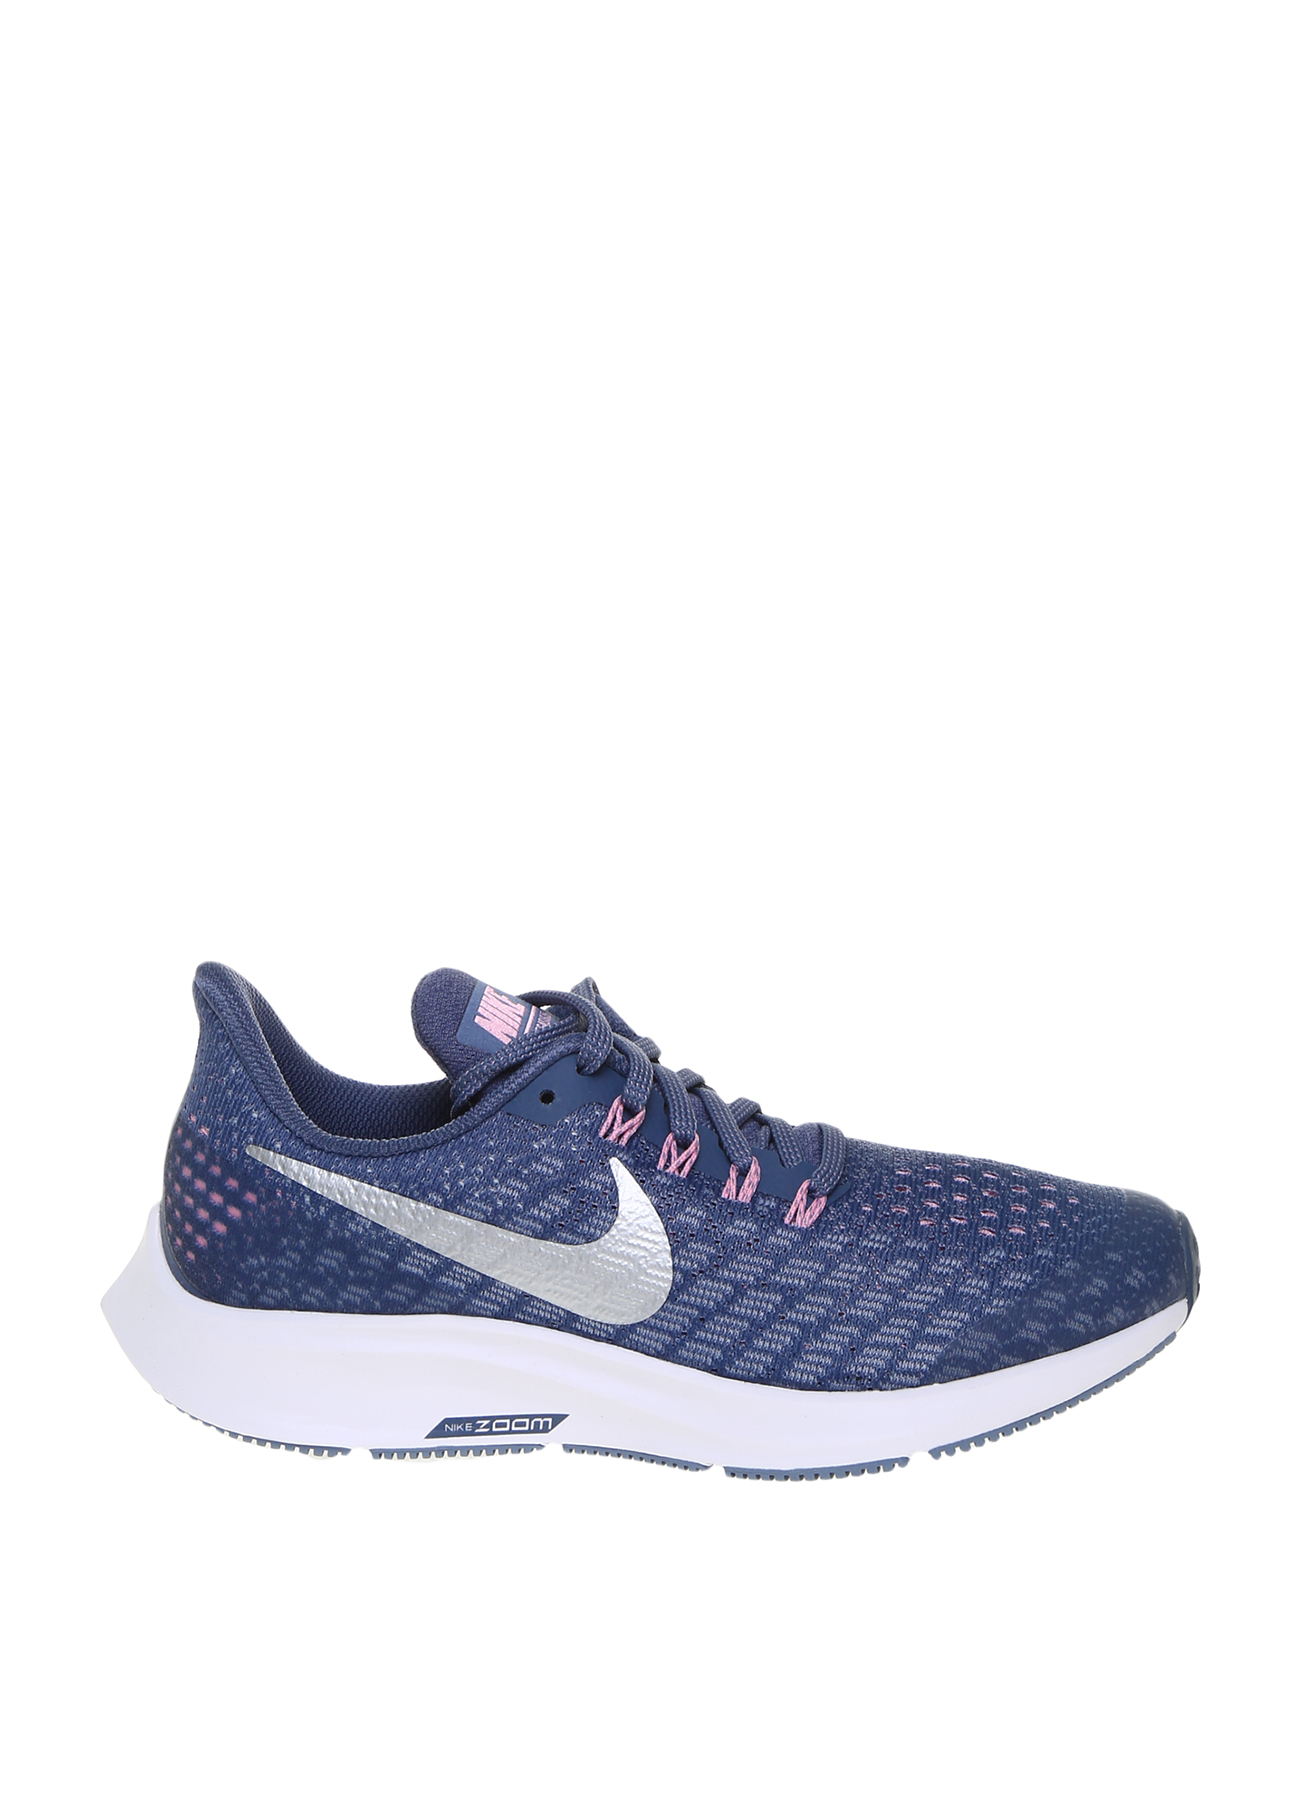 Nike Yürüyüş Ayakkabısı 36.5 5001635465003 Ürün Resmi